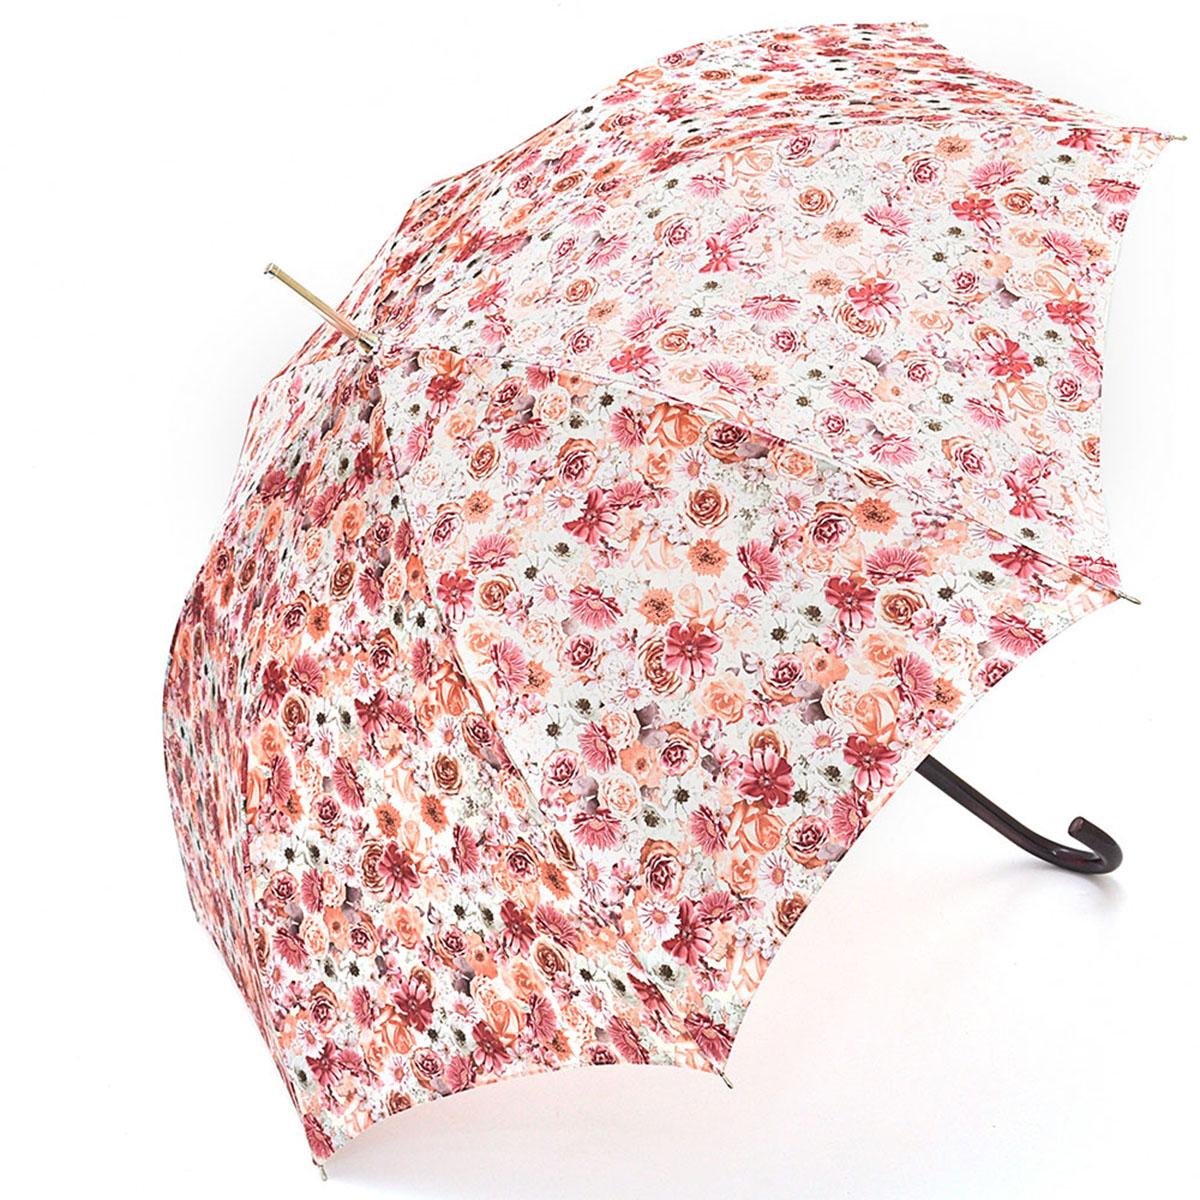 Зонт-трость женский Stilla, цвет: белый, розовый, оранжевый. 695/1 auto695/1 autoЗонт-трость Stilla надежно защитит вас от дождя. Купол, оформленный оригинальным принтом, выполнен из высококачественного ПВХ, который не пропускает воду. Каркас зонта и спицы выполнены из высококарбонистой стали. Зонт имеет автоматический тип сложения: открывается и закрывается при нажатии на кнопку. Удобная ручка выполнена из пластика.